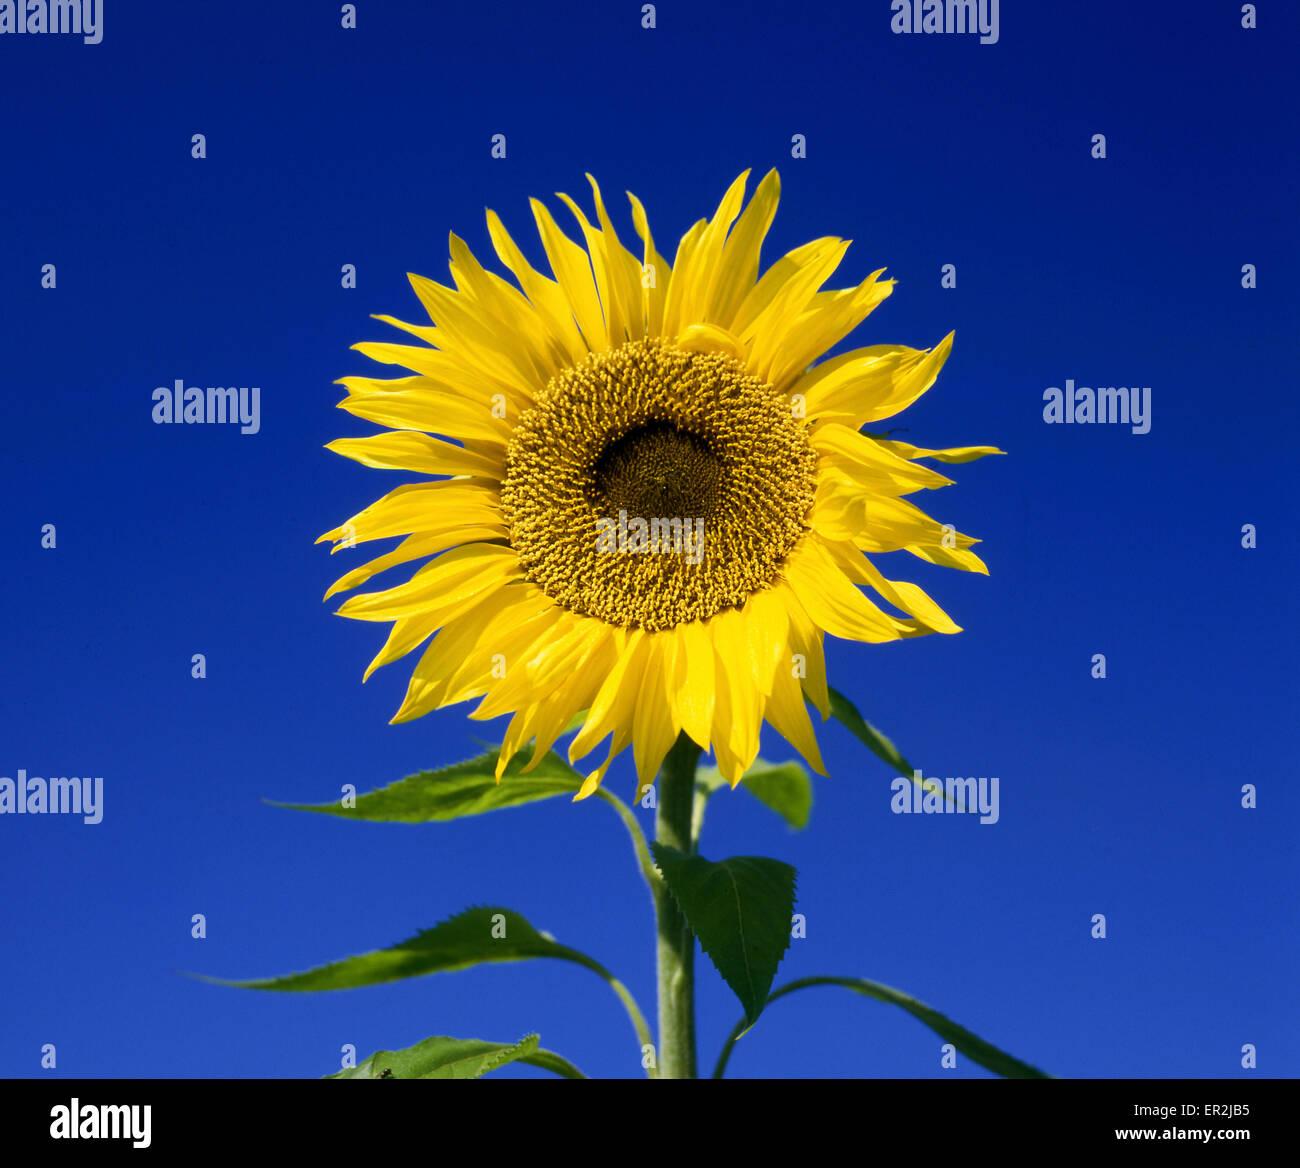 pflanzen blume spieleheustadl himmel gelb blau bluete bluehen nutzpflanze sonnenblume. Black Bedroom Furniture Sets. Home Design Ideas